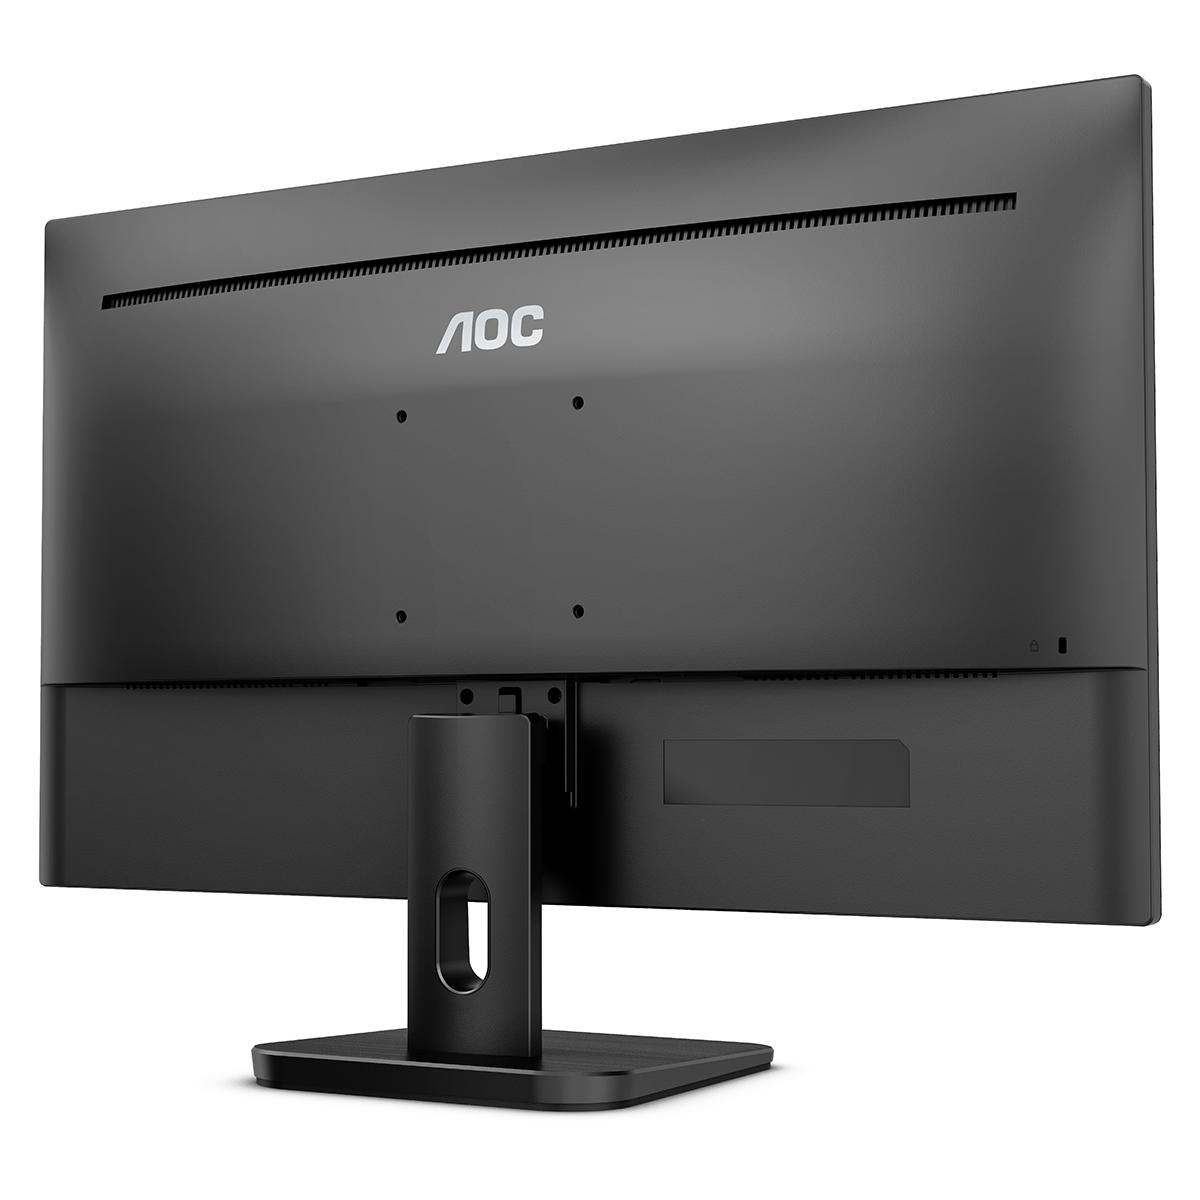 Ecran Moniteur IPS 27 pouces AOC 27E1H 16/9eme (5ms) HDMI/VGA VESA,Informatique Réunion 974